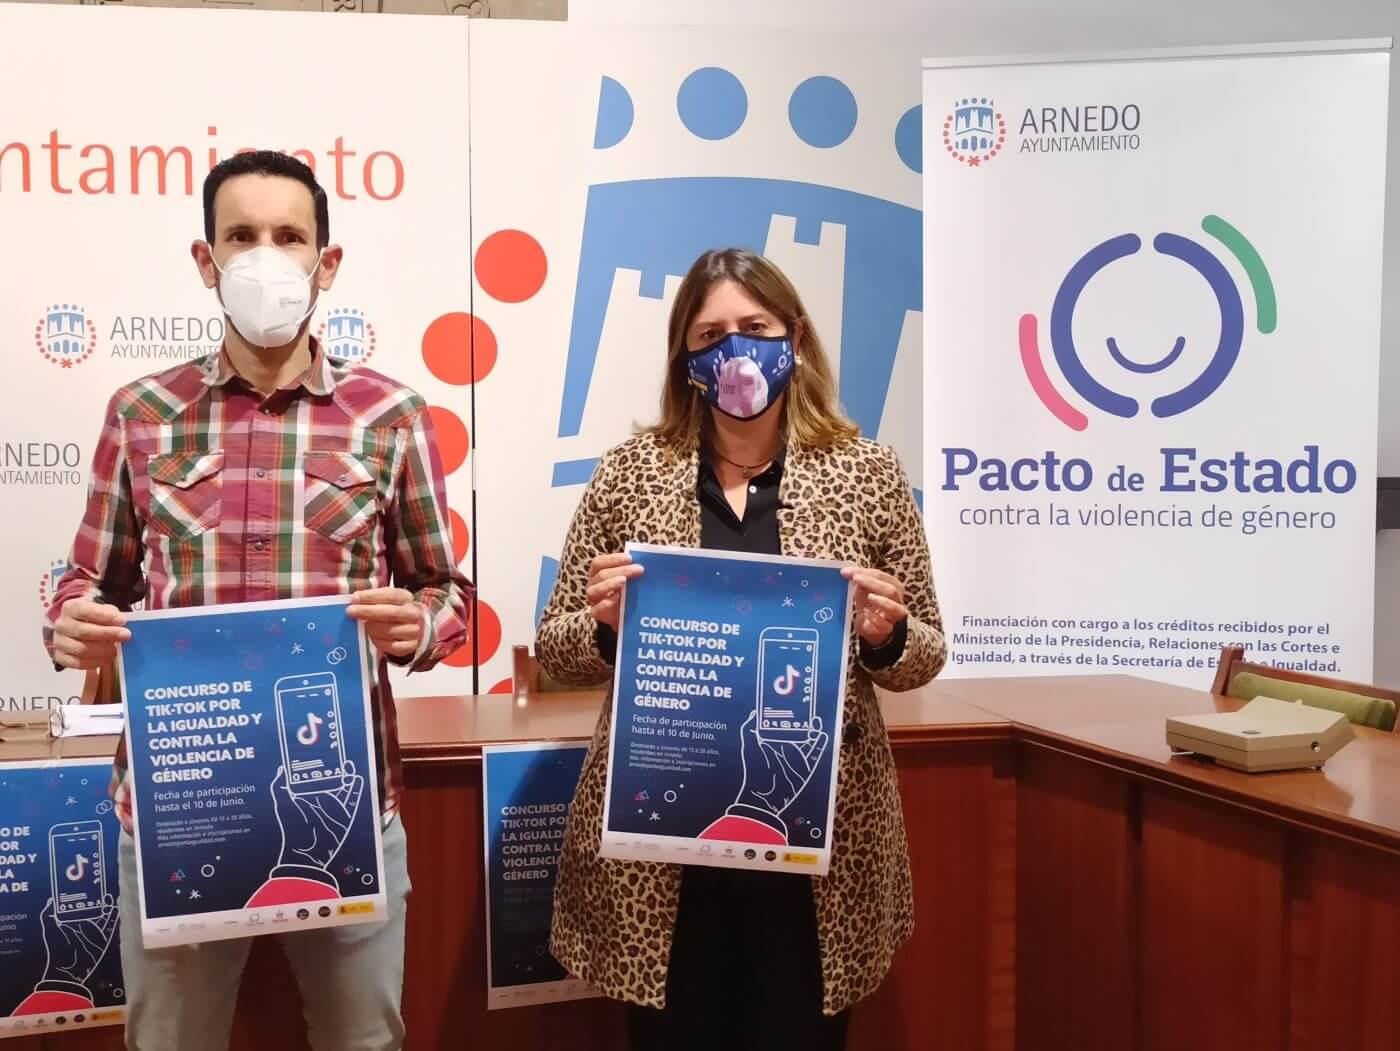 El Ayuntamiento de Arnedo convoca un concurso de videos de Tik Tok para animar a los jóvenes a que reflexionen sobre la igualdad y contra la violencia de género